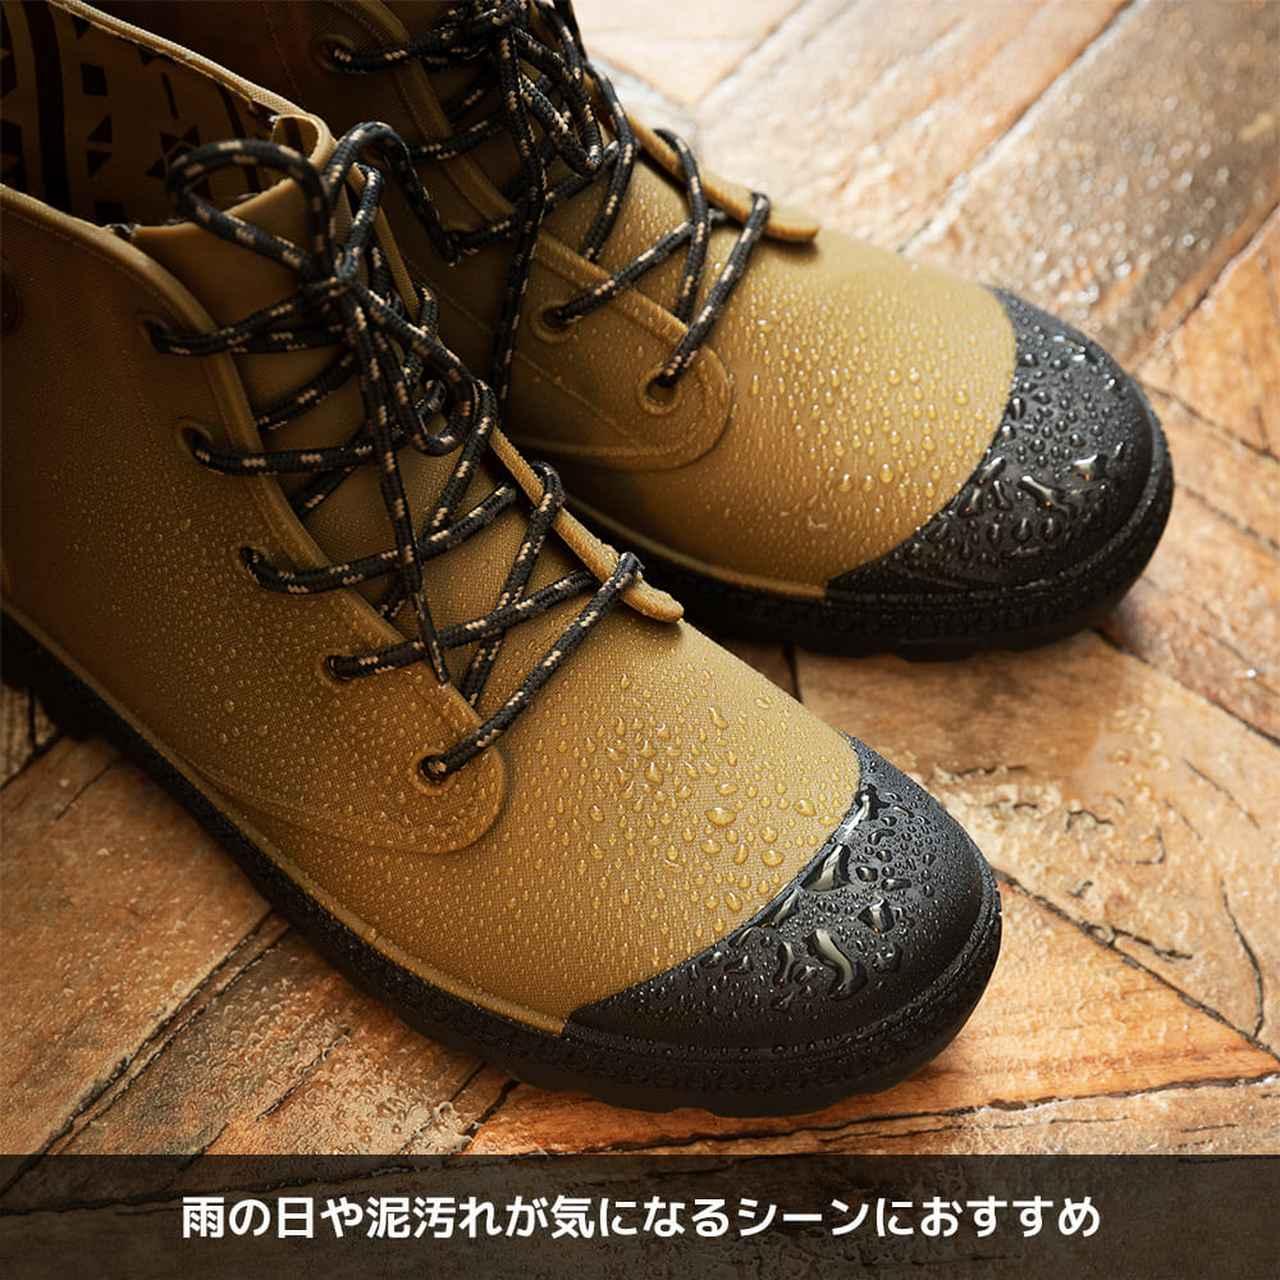 画像2: ワークマンの登山靴を徹底レビュー! トレッキングシューズ『アクティブハイク』は初心者におすすめ◎